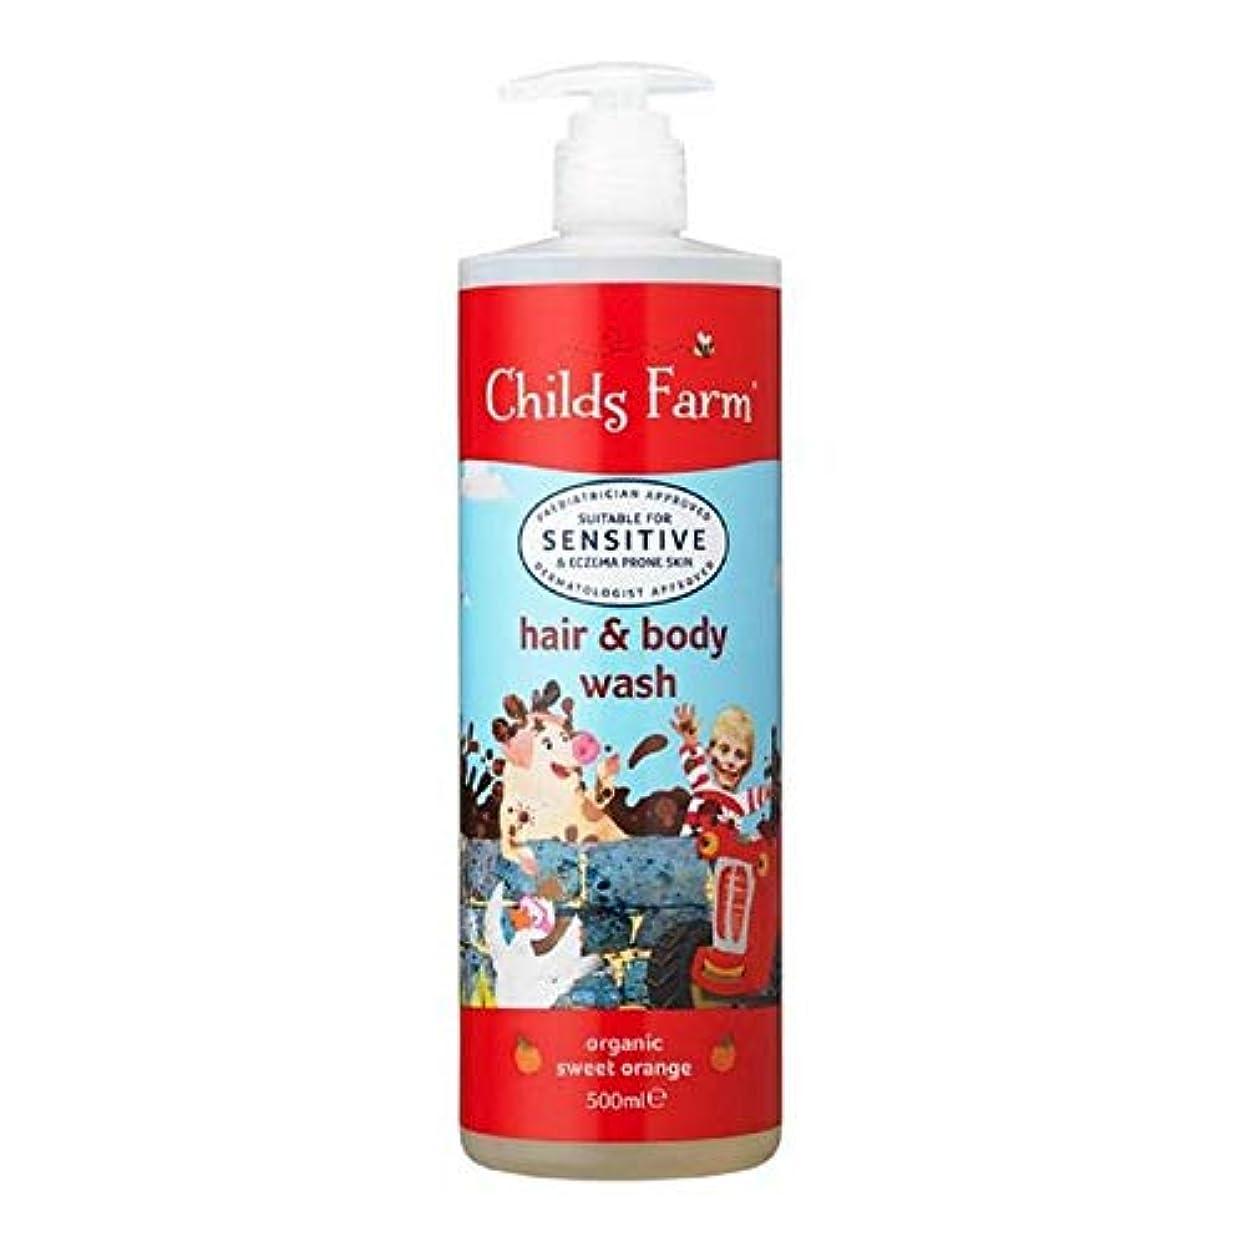 リラックス飢バルセロナ[Childs Farm ] チャイルズファームヘア&ボディウォッシュ有機スイートオレンジ500ミリリットル - Childs Farm Hair & Body Wash Organic Sweet Orange 500ml [並行輸入品]